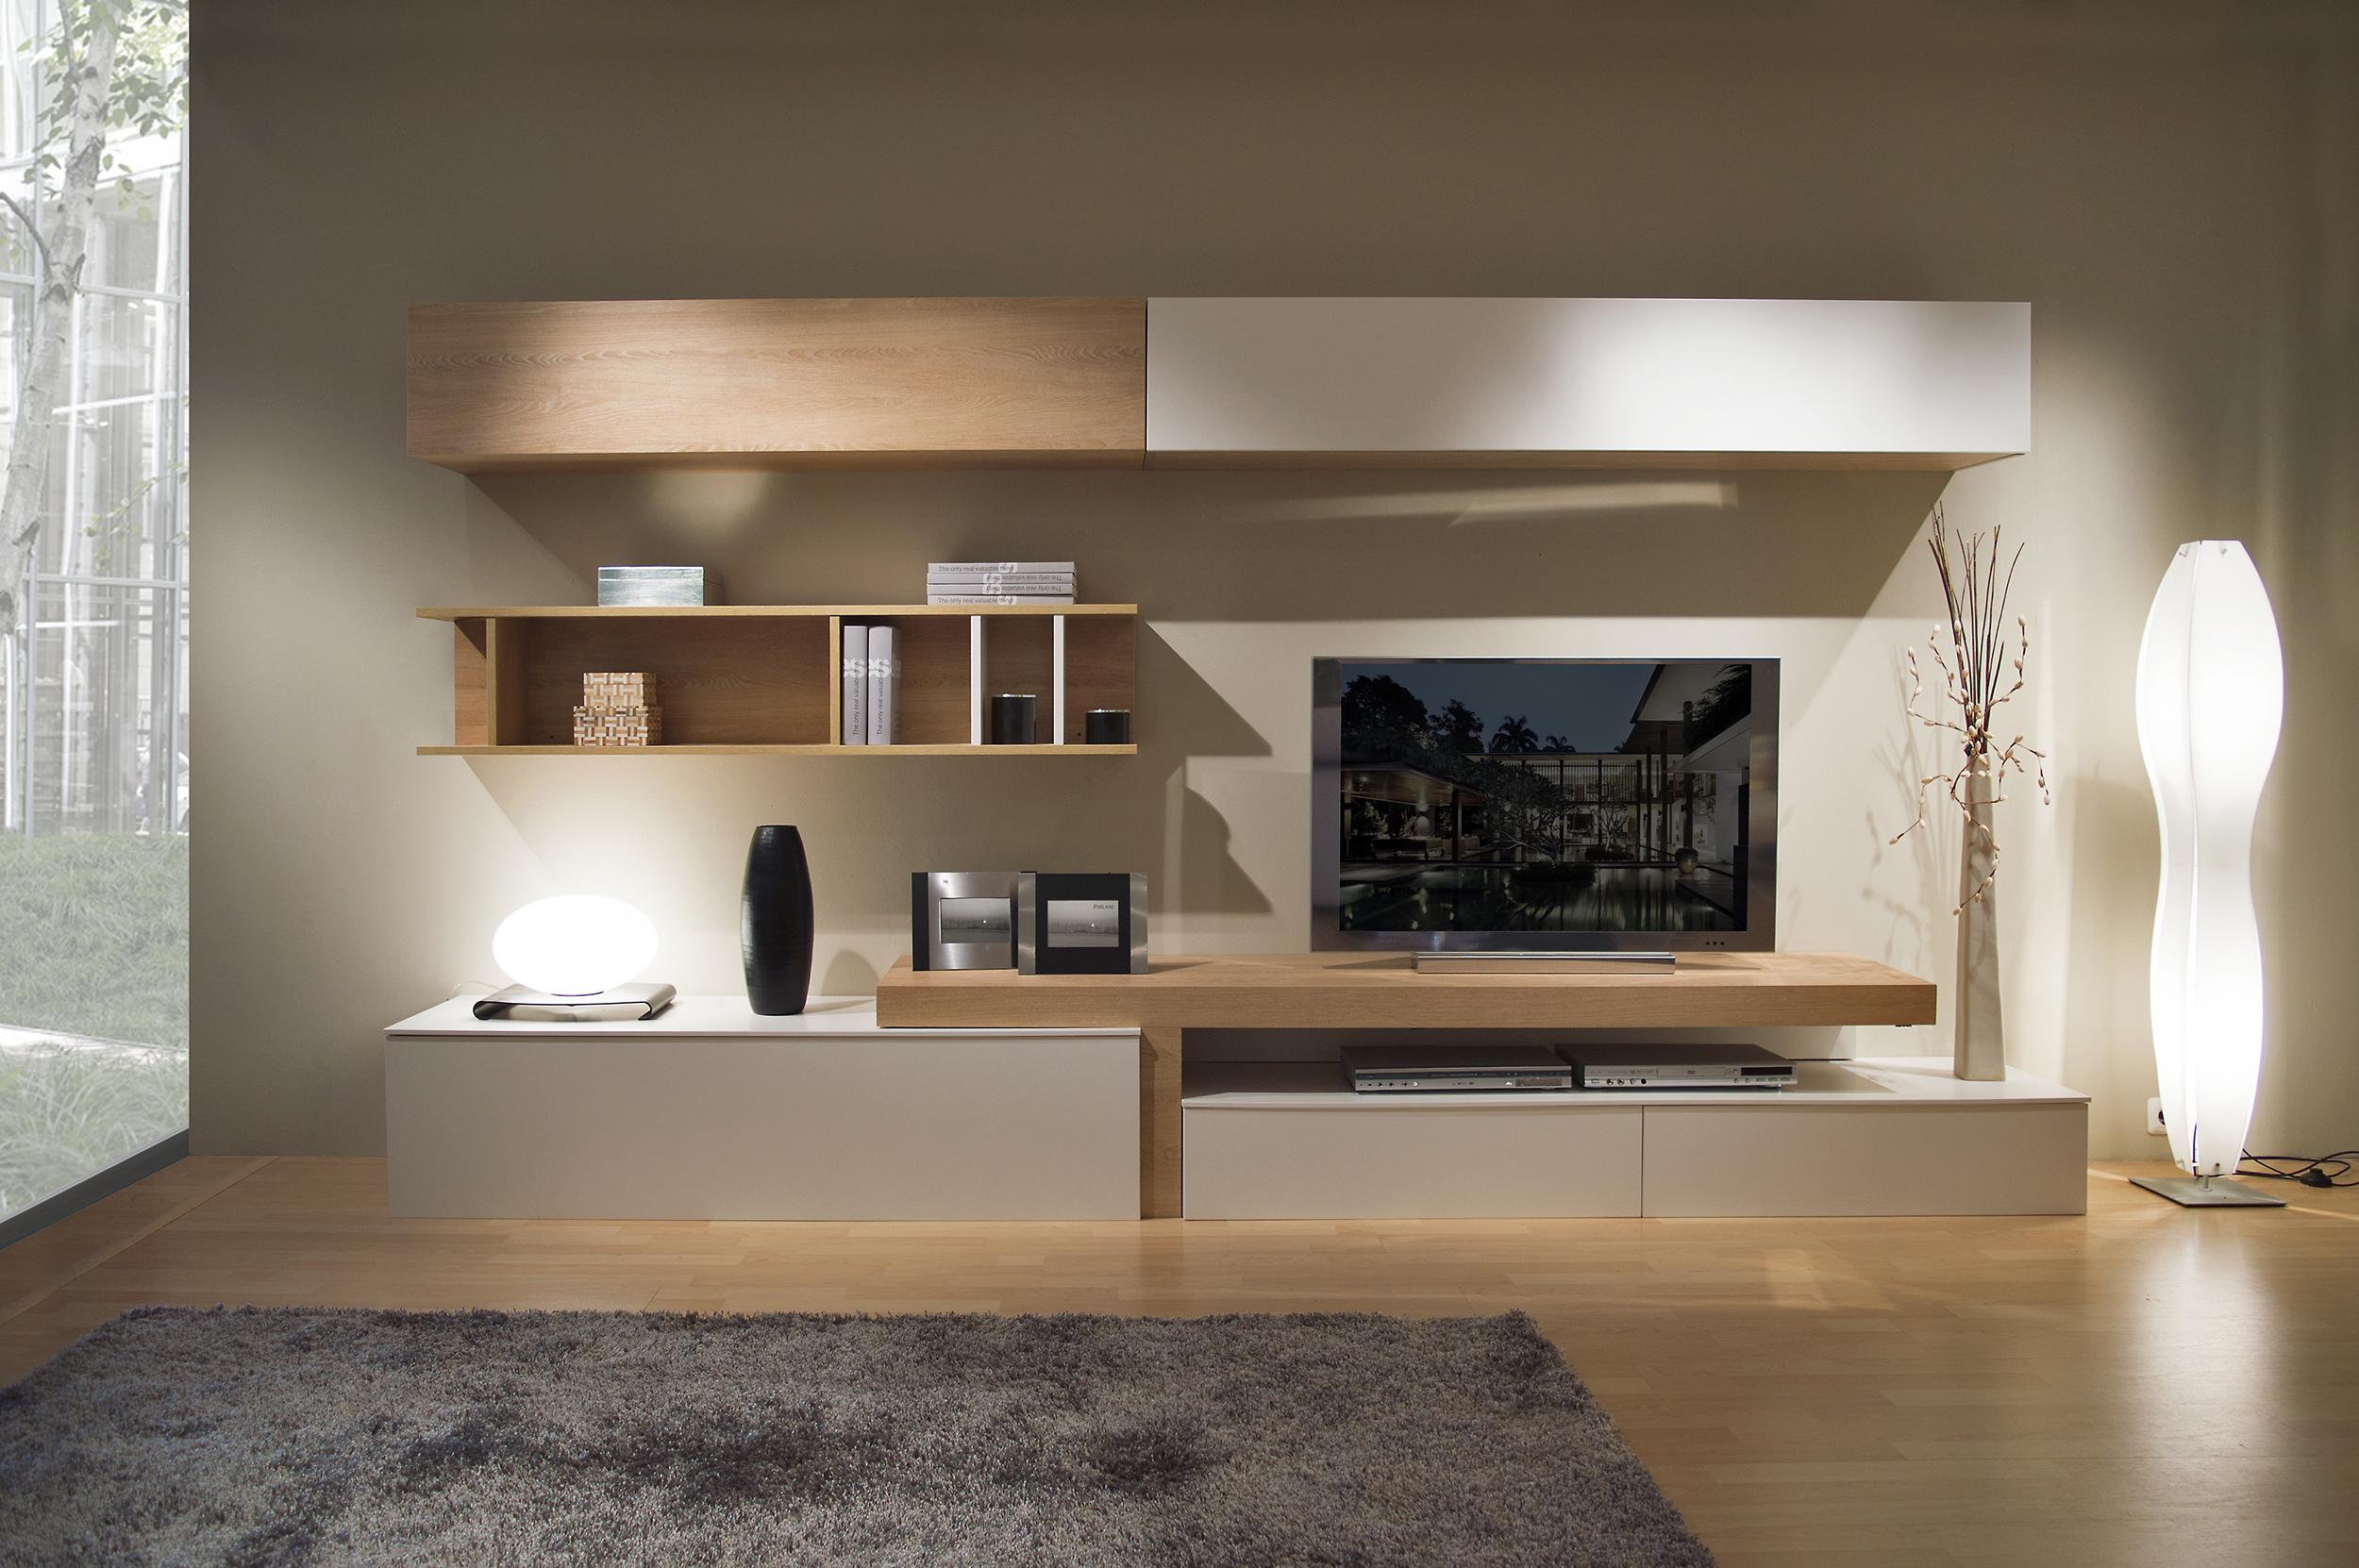 Muebles la senia ofertas todos los expositores de la - Fabricas de muebles en la senia ...